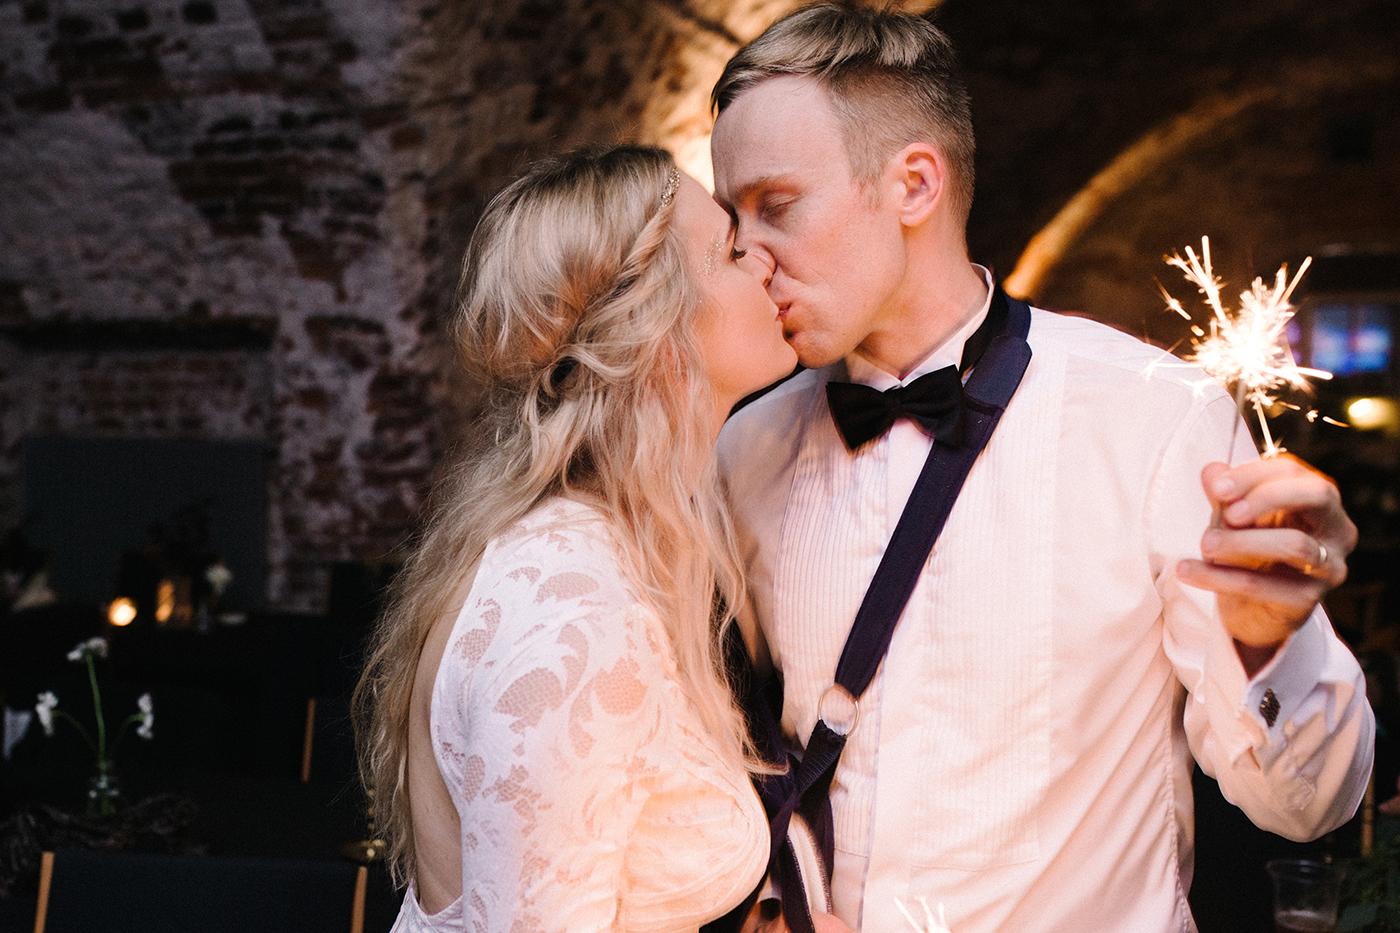 Indie Glam Wedding Tenalji von Fersen Suomenlinna (140).jpg